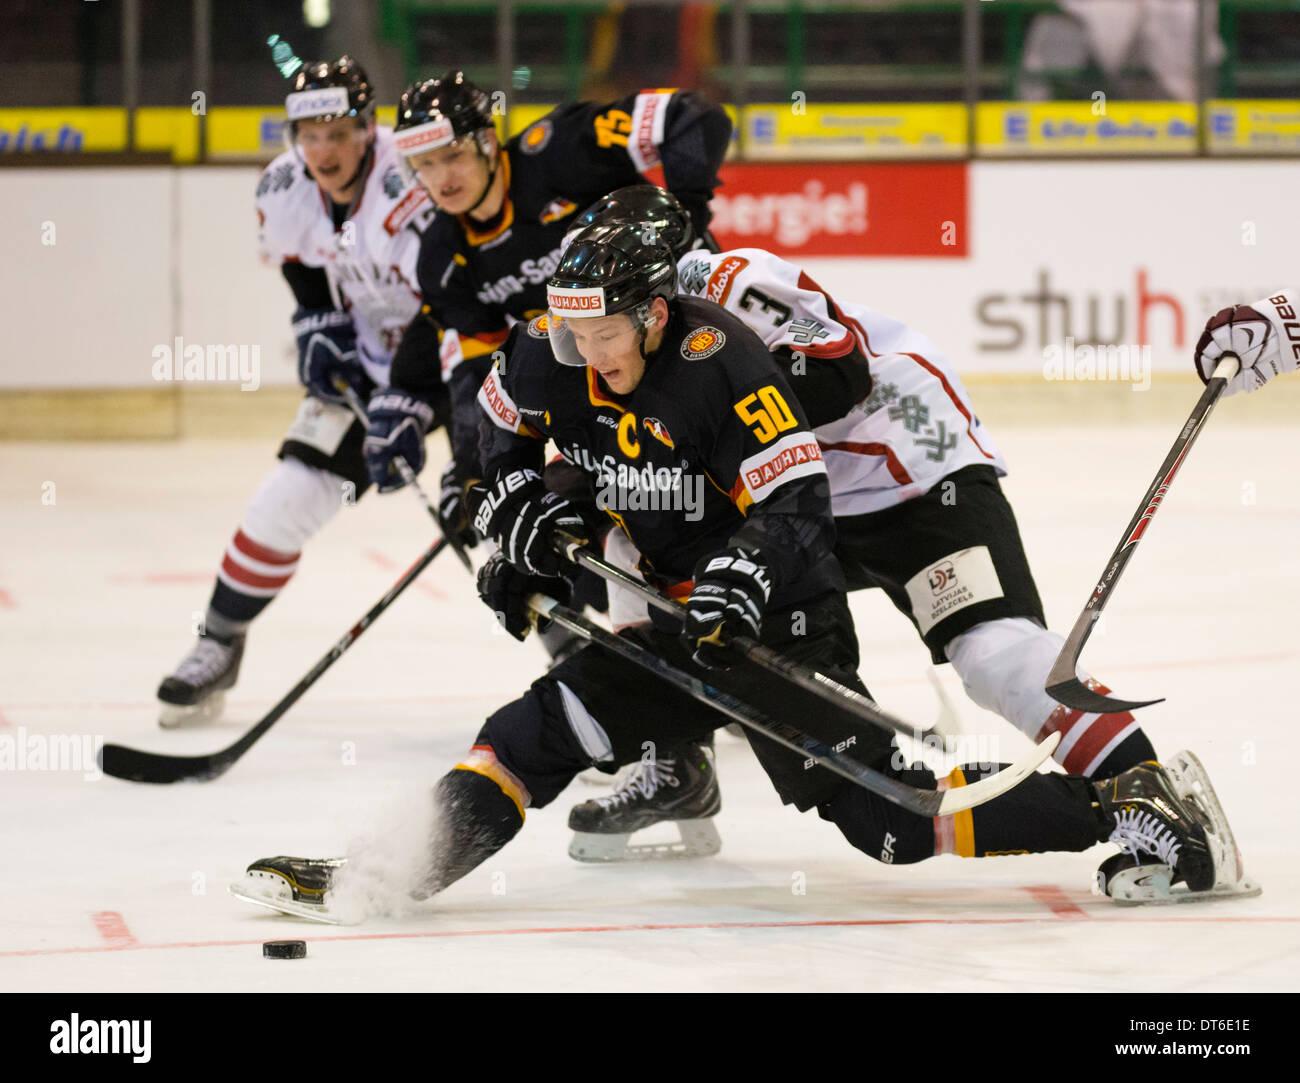 Jugador de hockey sobre hielo internacional alemán Patrick Hager, delante, juega para el equipo nacional alemán contra Letonia. Imagen De Stock